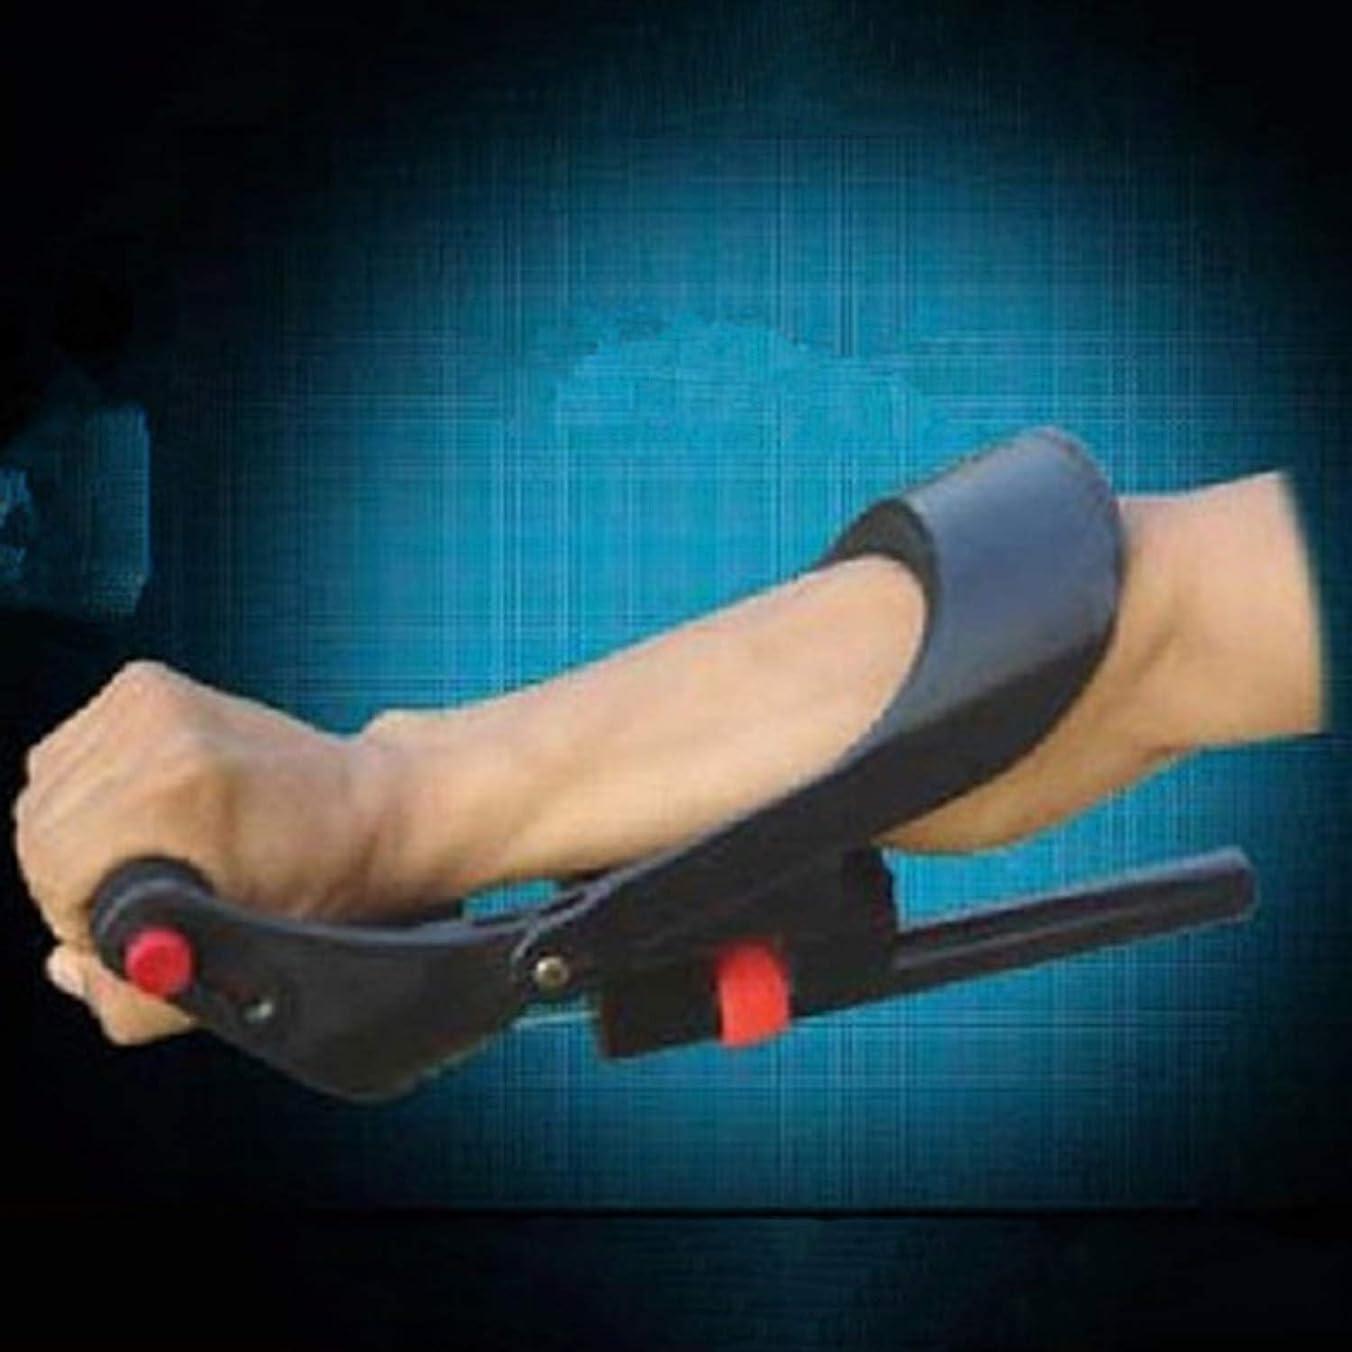 物語天文学集団的ホームプロの手首の力の腕のフィットネス機器は、手のテニスの手首の強さ、トレーニング機器をリハビリすることができます